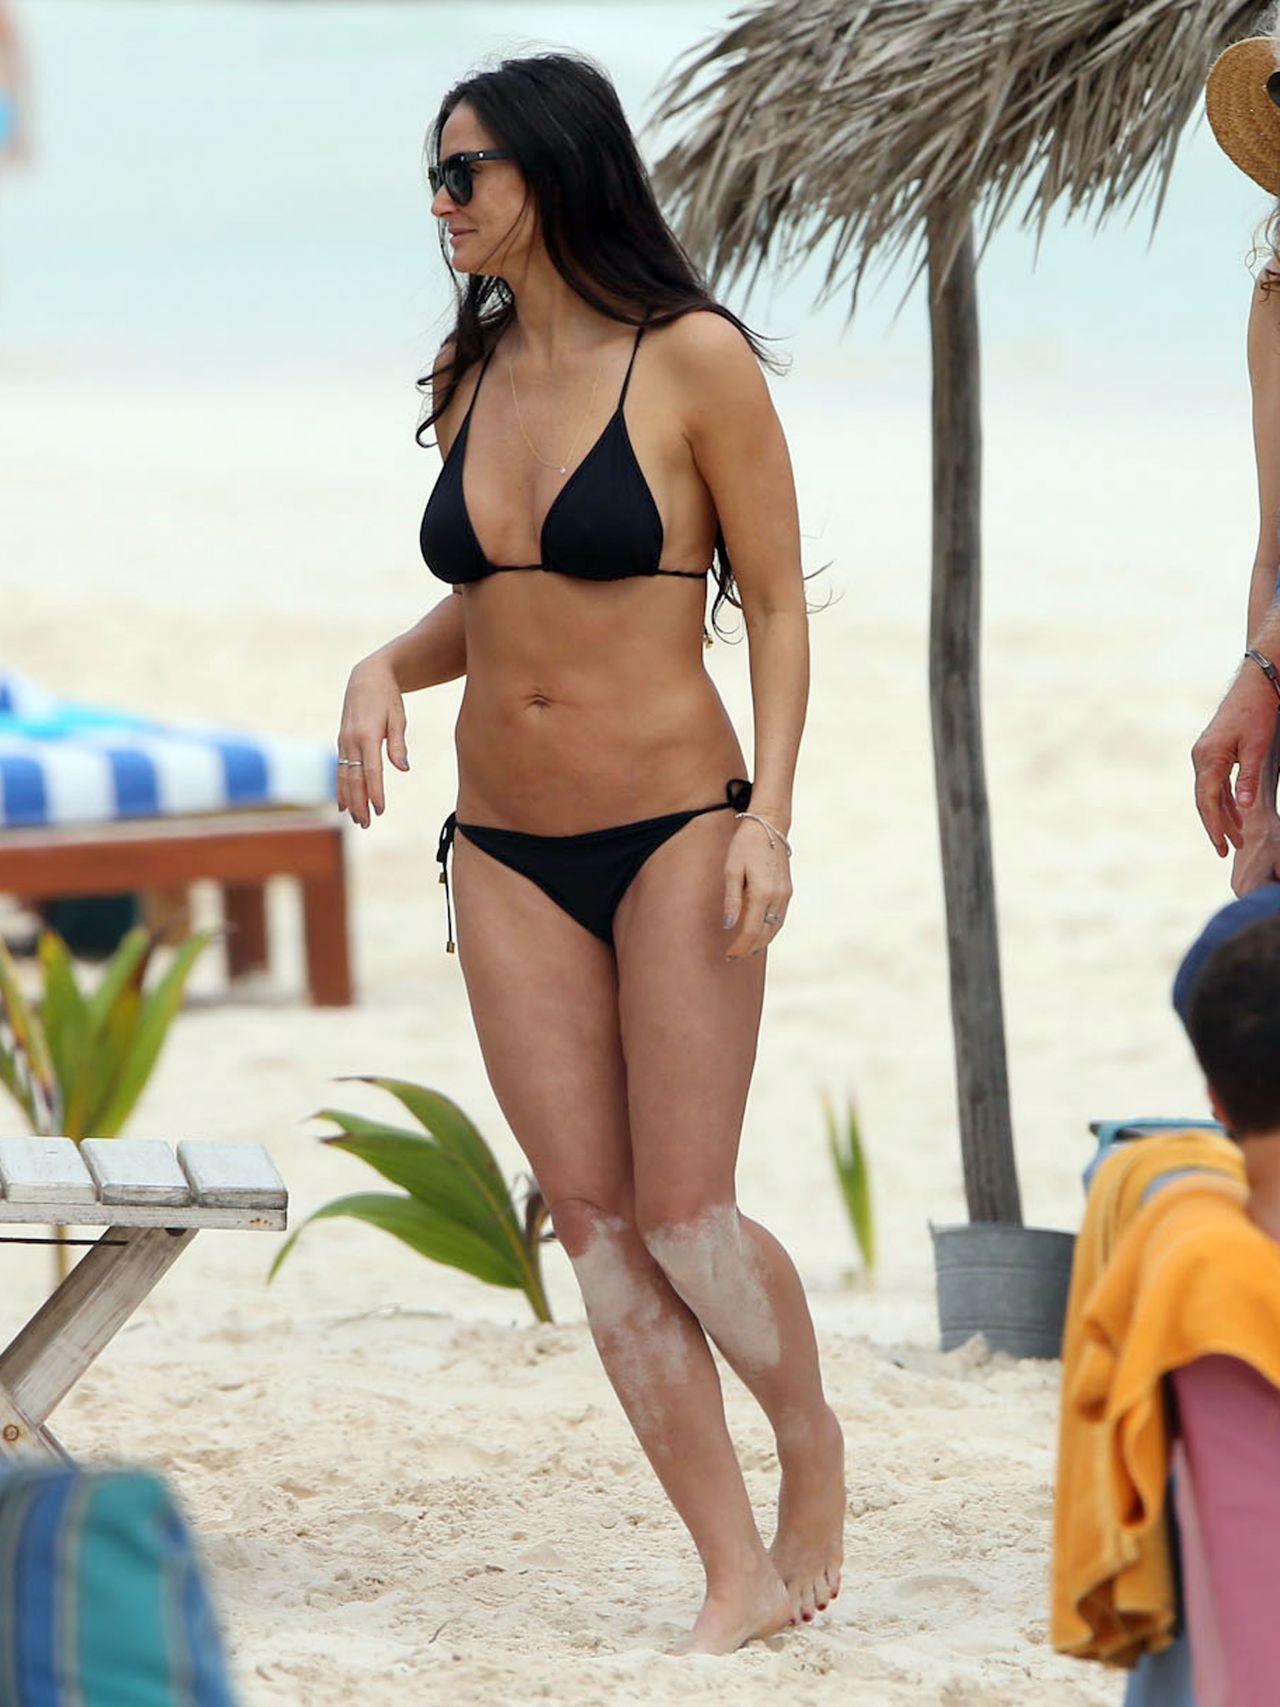 Demi Moore Bikini Photos - Mexico, December 29, 2013-1432